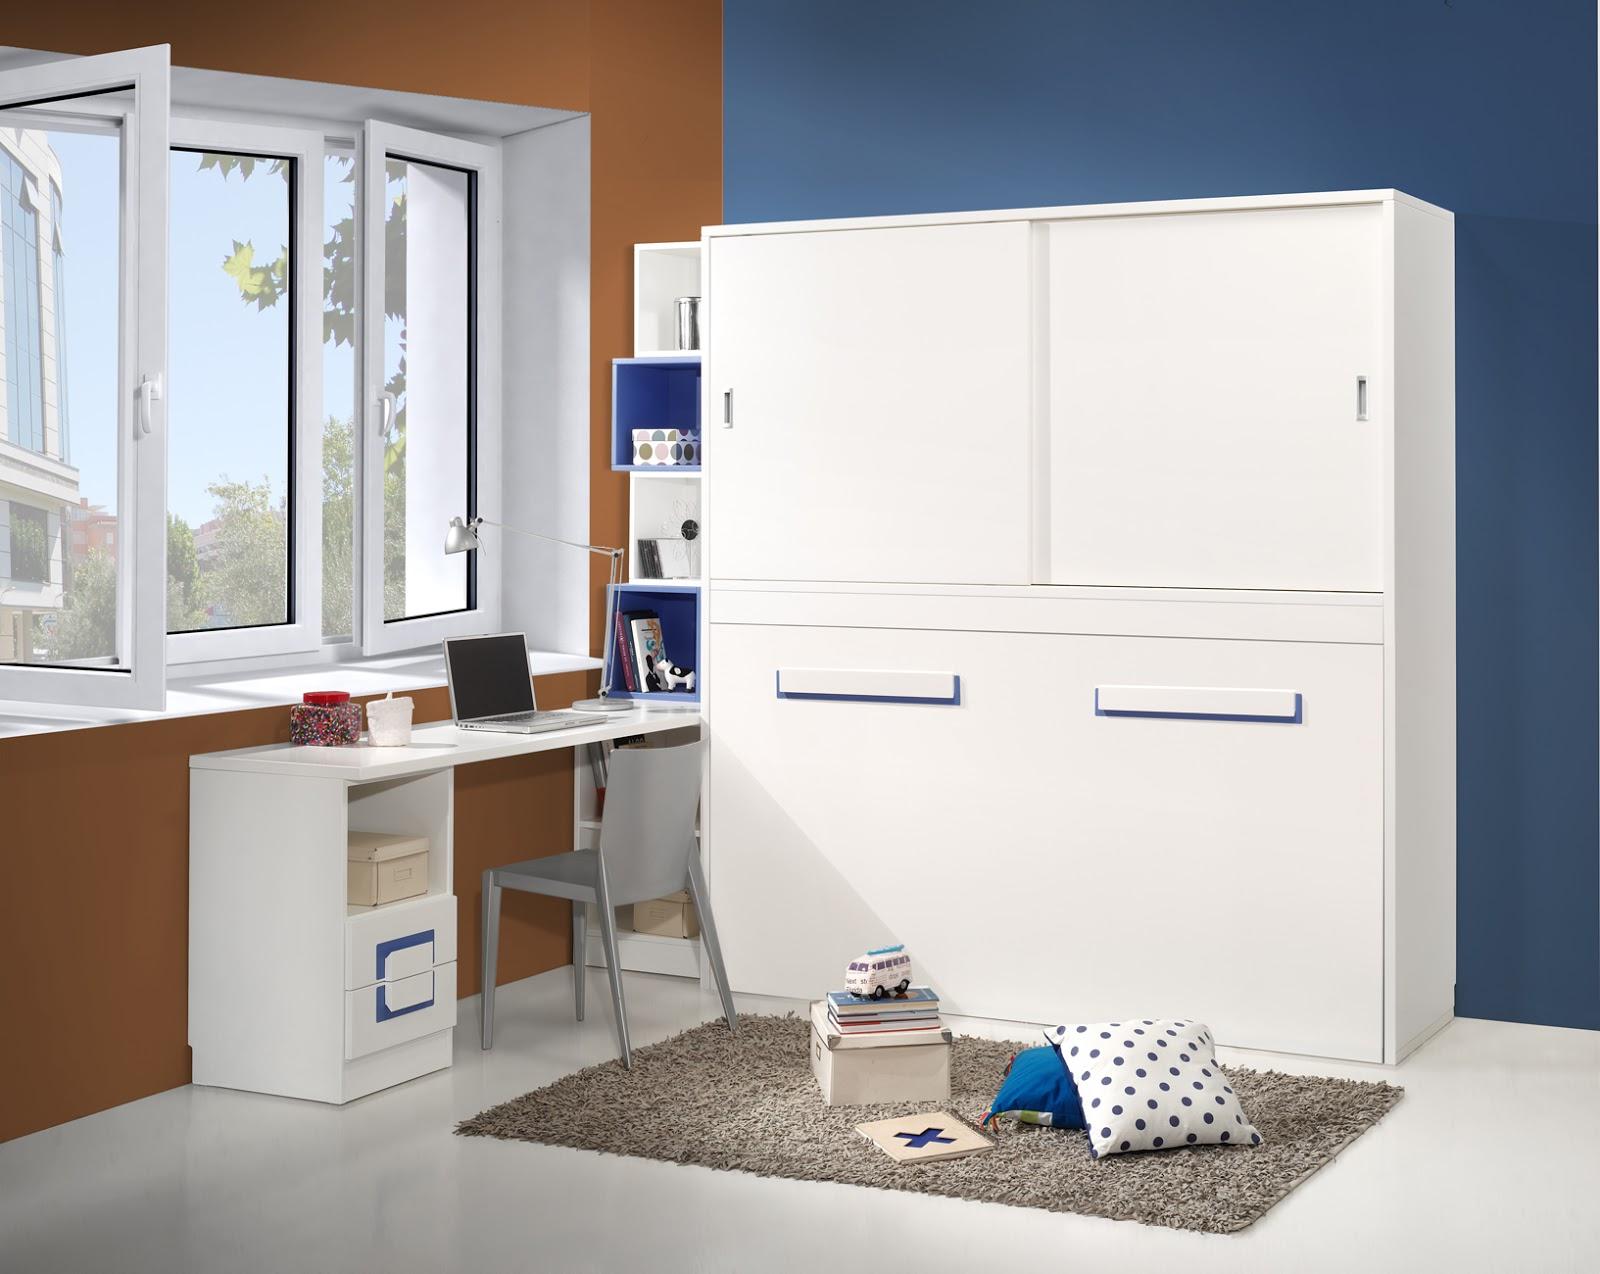 Dormitorios con camas abatibles literas abatibles - Cama empotrada en armario ...